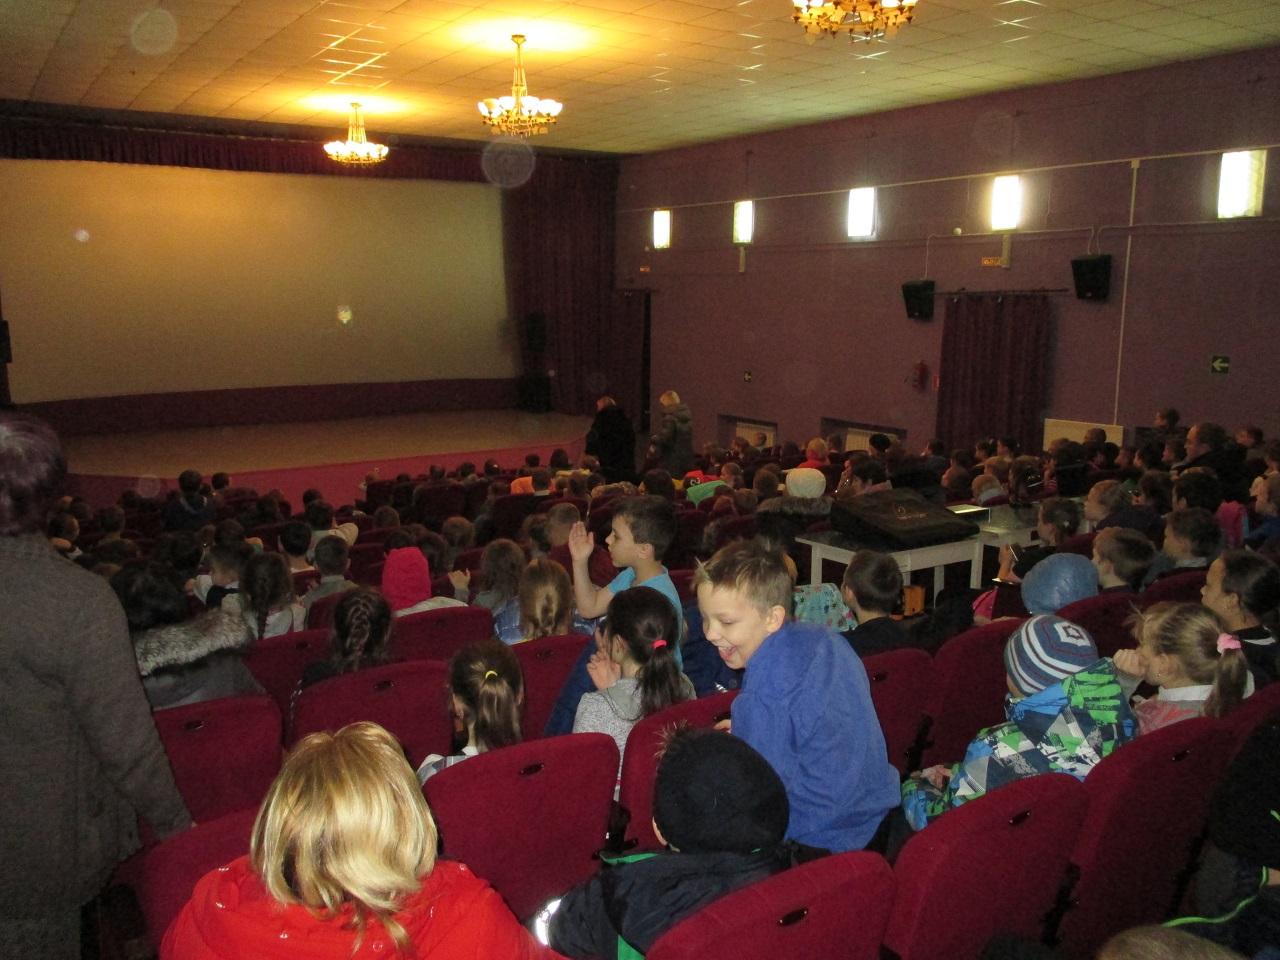 Добавим, что показ фильма «Щелкунчик и четыре королевства» в Центре культуры и кино «Родина» с 8 по 12 декабря шел по специальной акции «В кино всего за сто!» - билеты на 2D версию фильма стоили всего 100 рублей. Благодаря акции фильм посмотрело более 900 человек, и дважды на сеансах был отмечен аншлаг – все 235 мест кинозала были заняты зрителями.